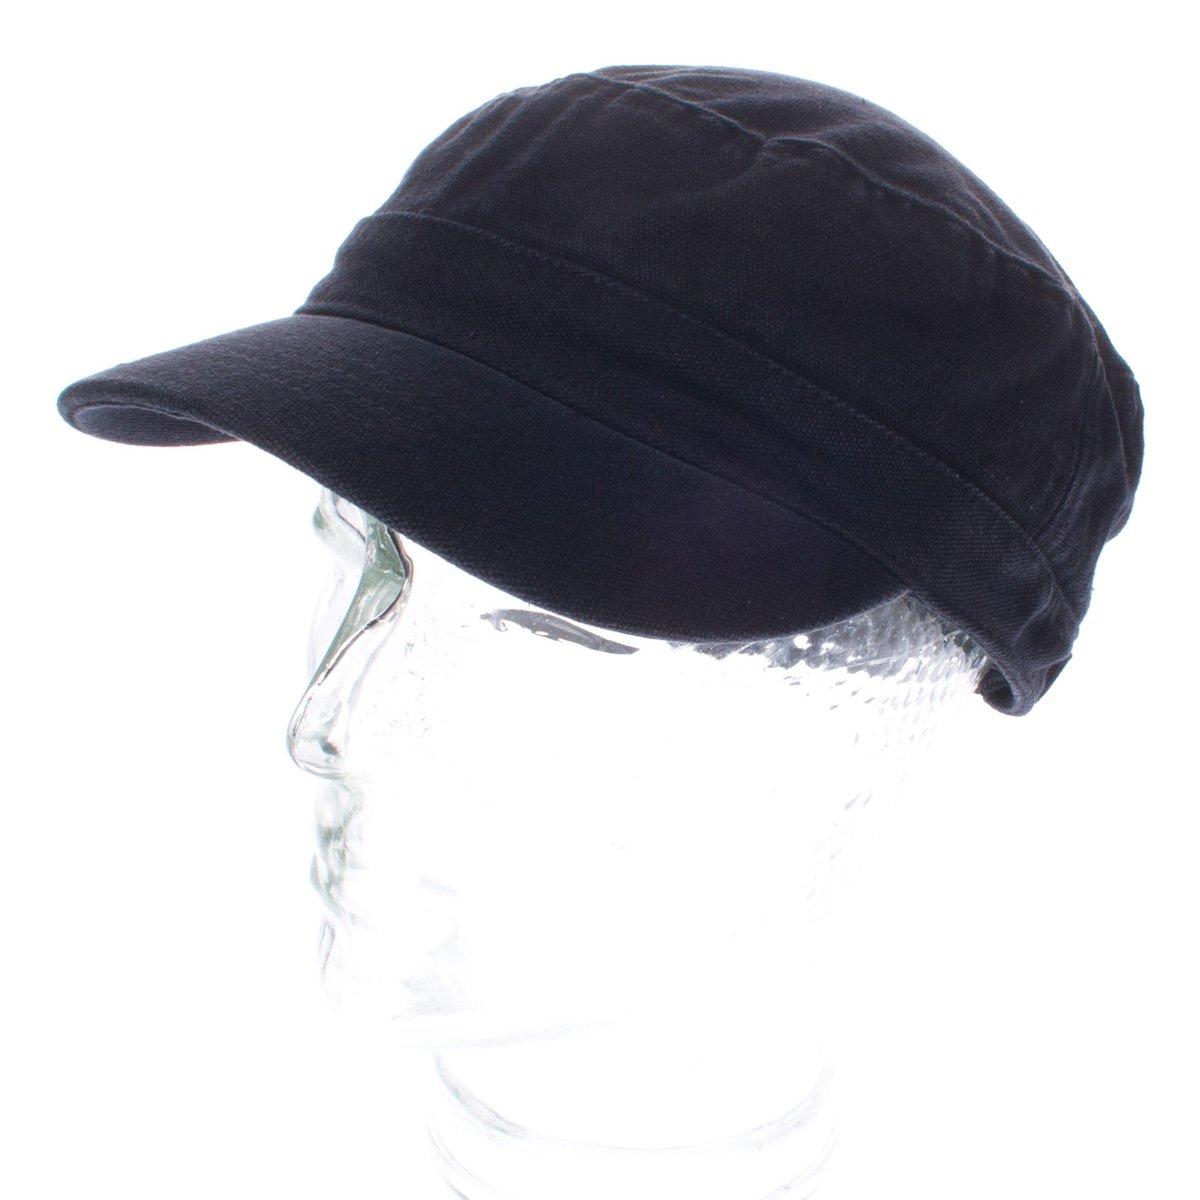 Gorra militar Element Rampage Black, negro: Amazon.es: Deportes y ...